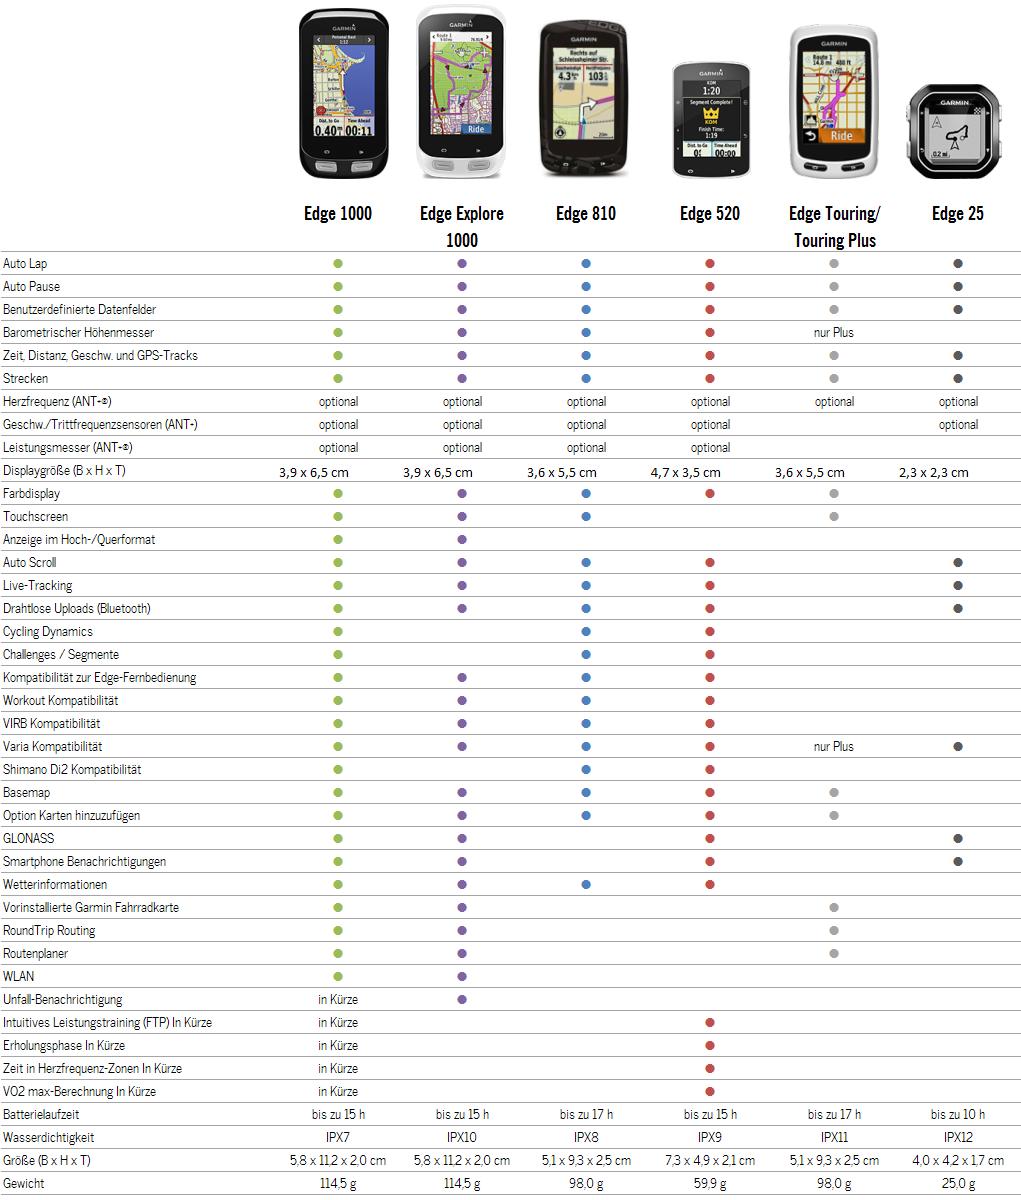 Tabelle-Garmin-Produktvergleich-Edge-Radcomputer-Familie-01